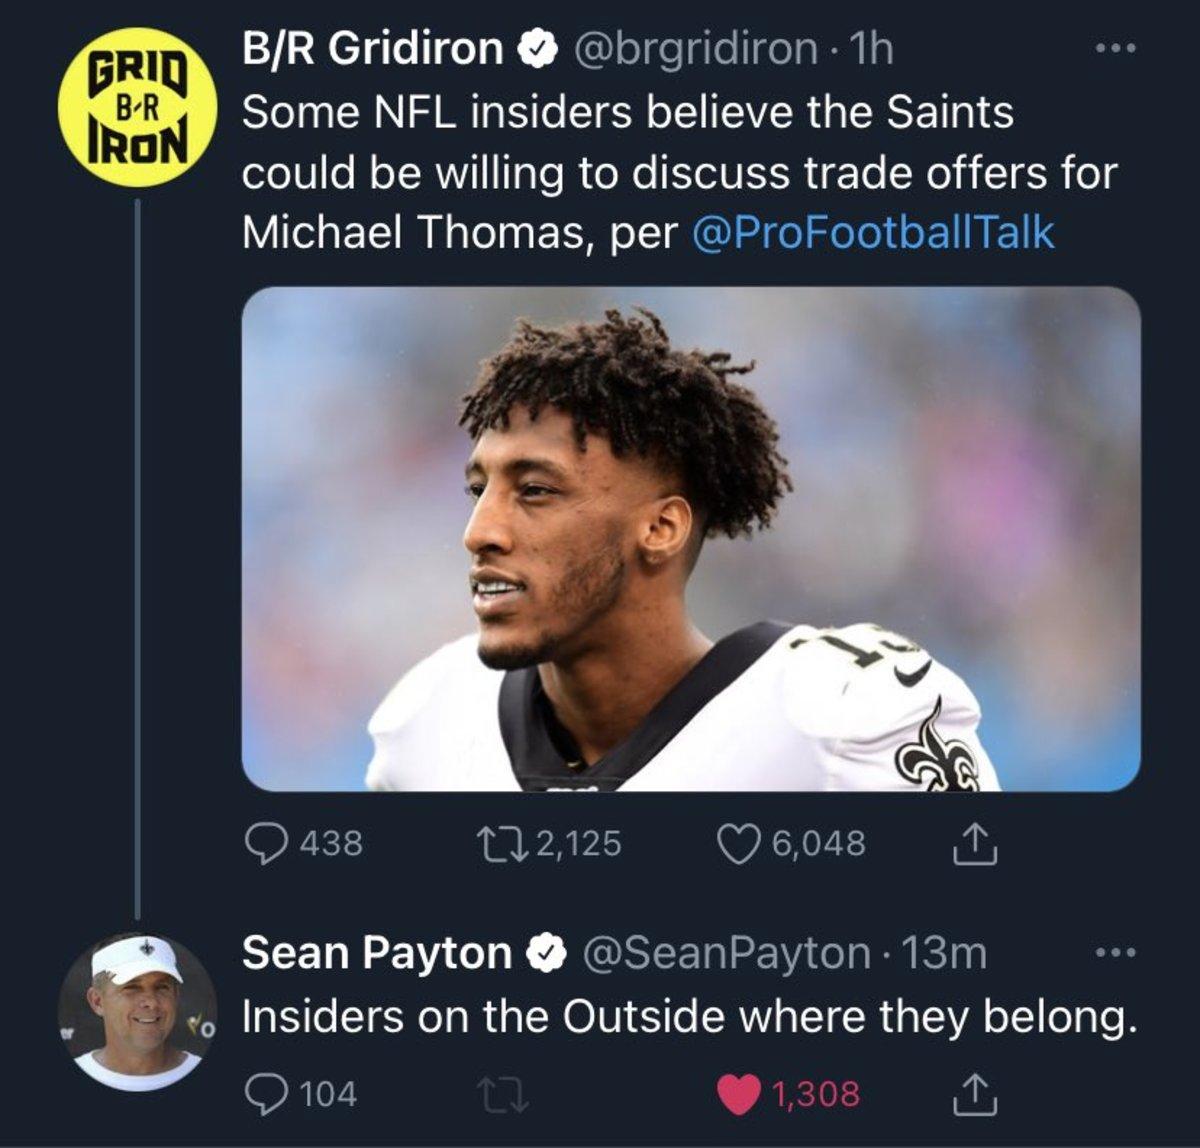 Sean Payton responds to Michael Thomas trade speculation